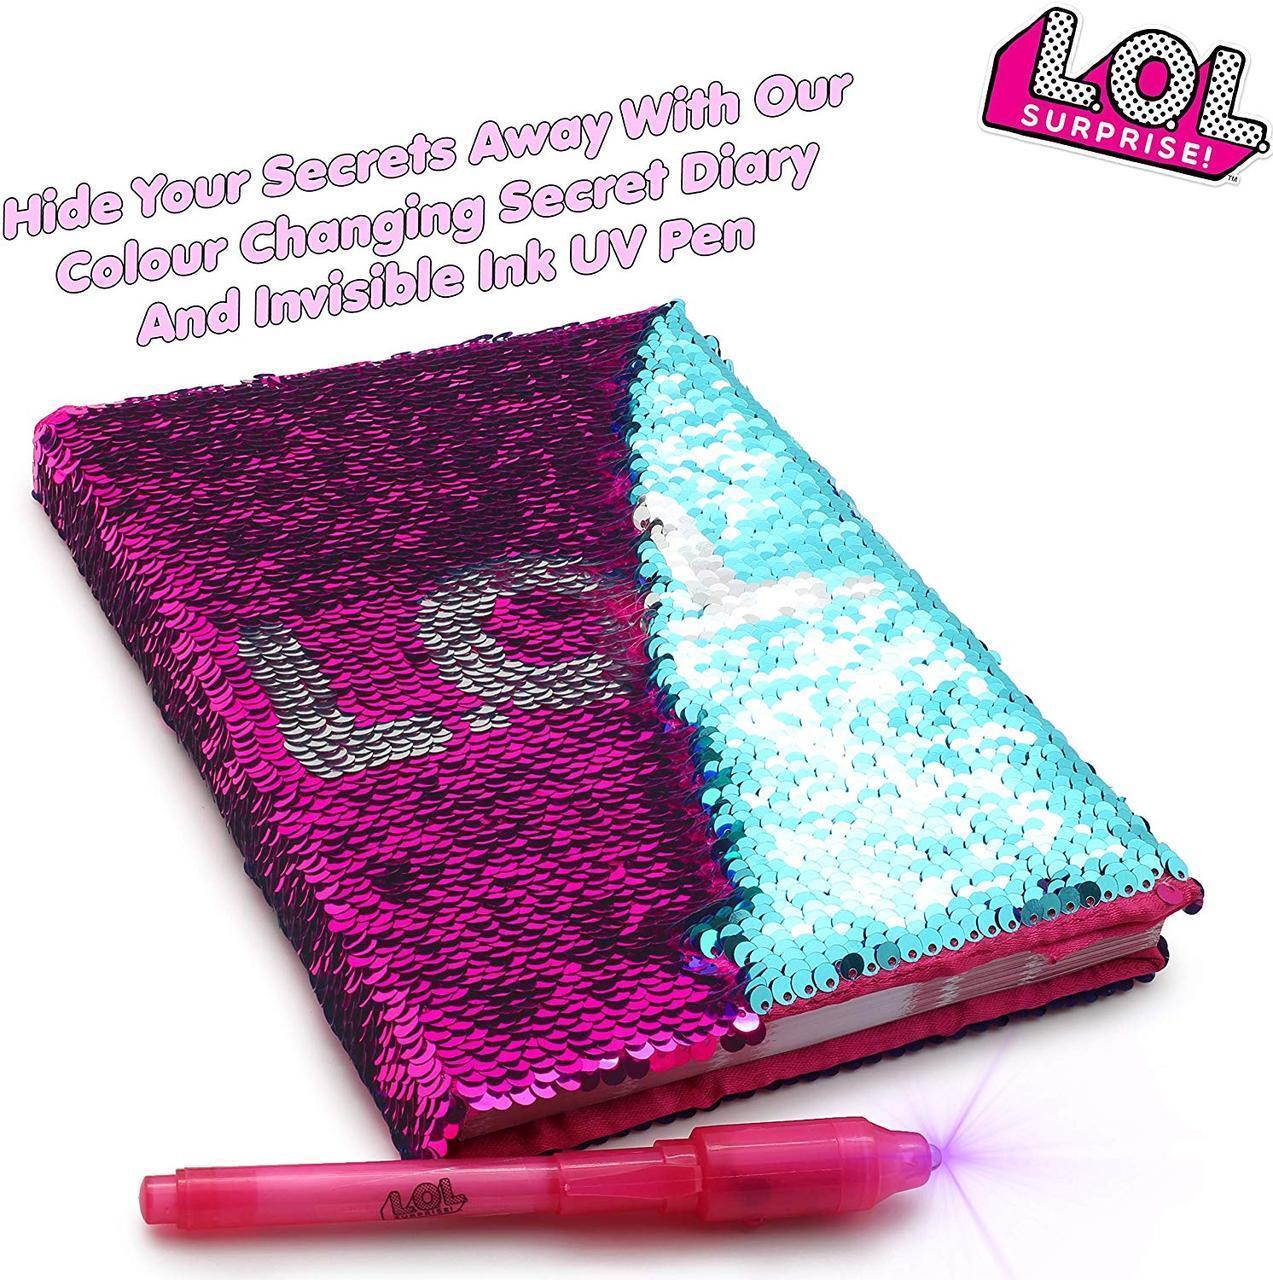 ЛОЛ Дневник Секретный с пайетками ( L.O.L. Surprise! Girls Secret Diary. ЛОЛ Секретний щоденник )